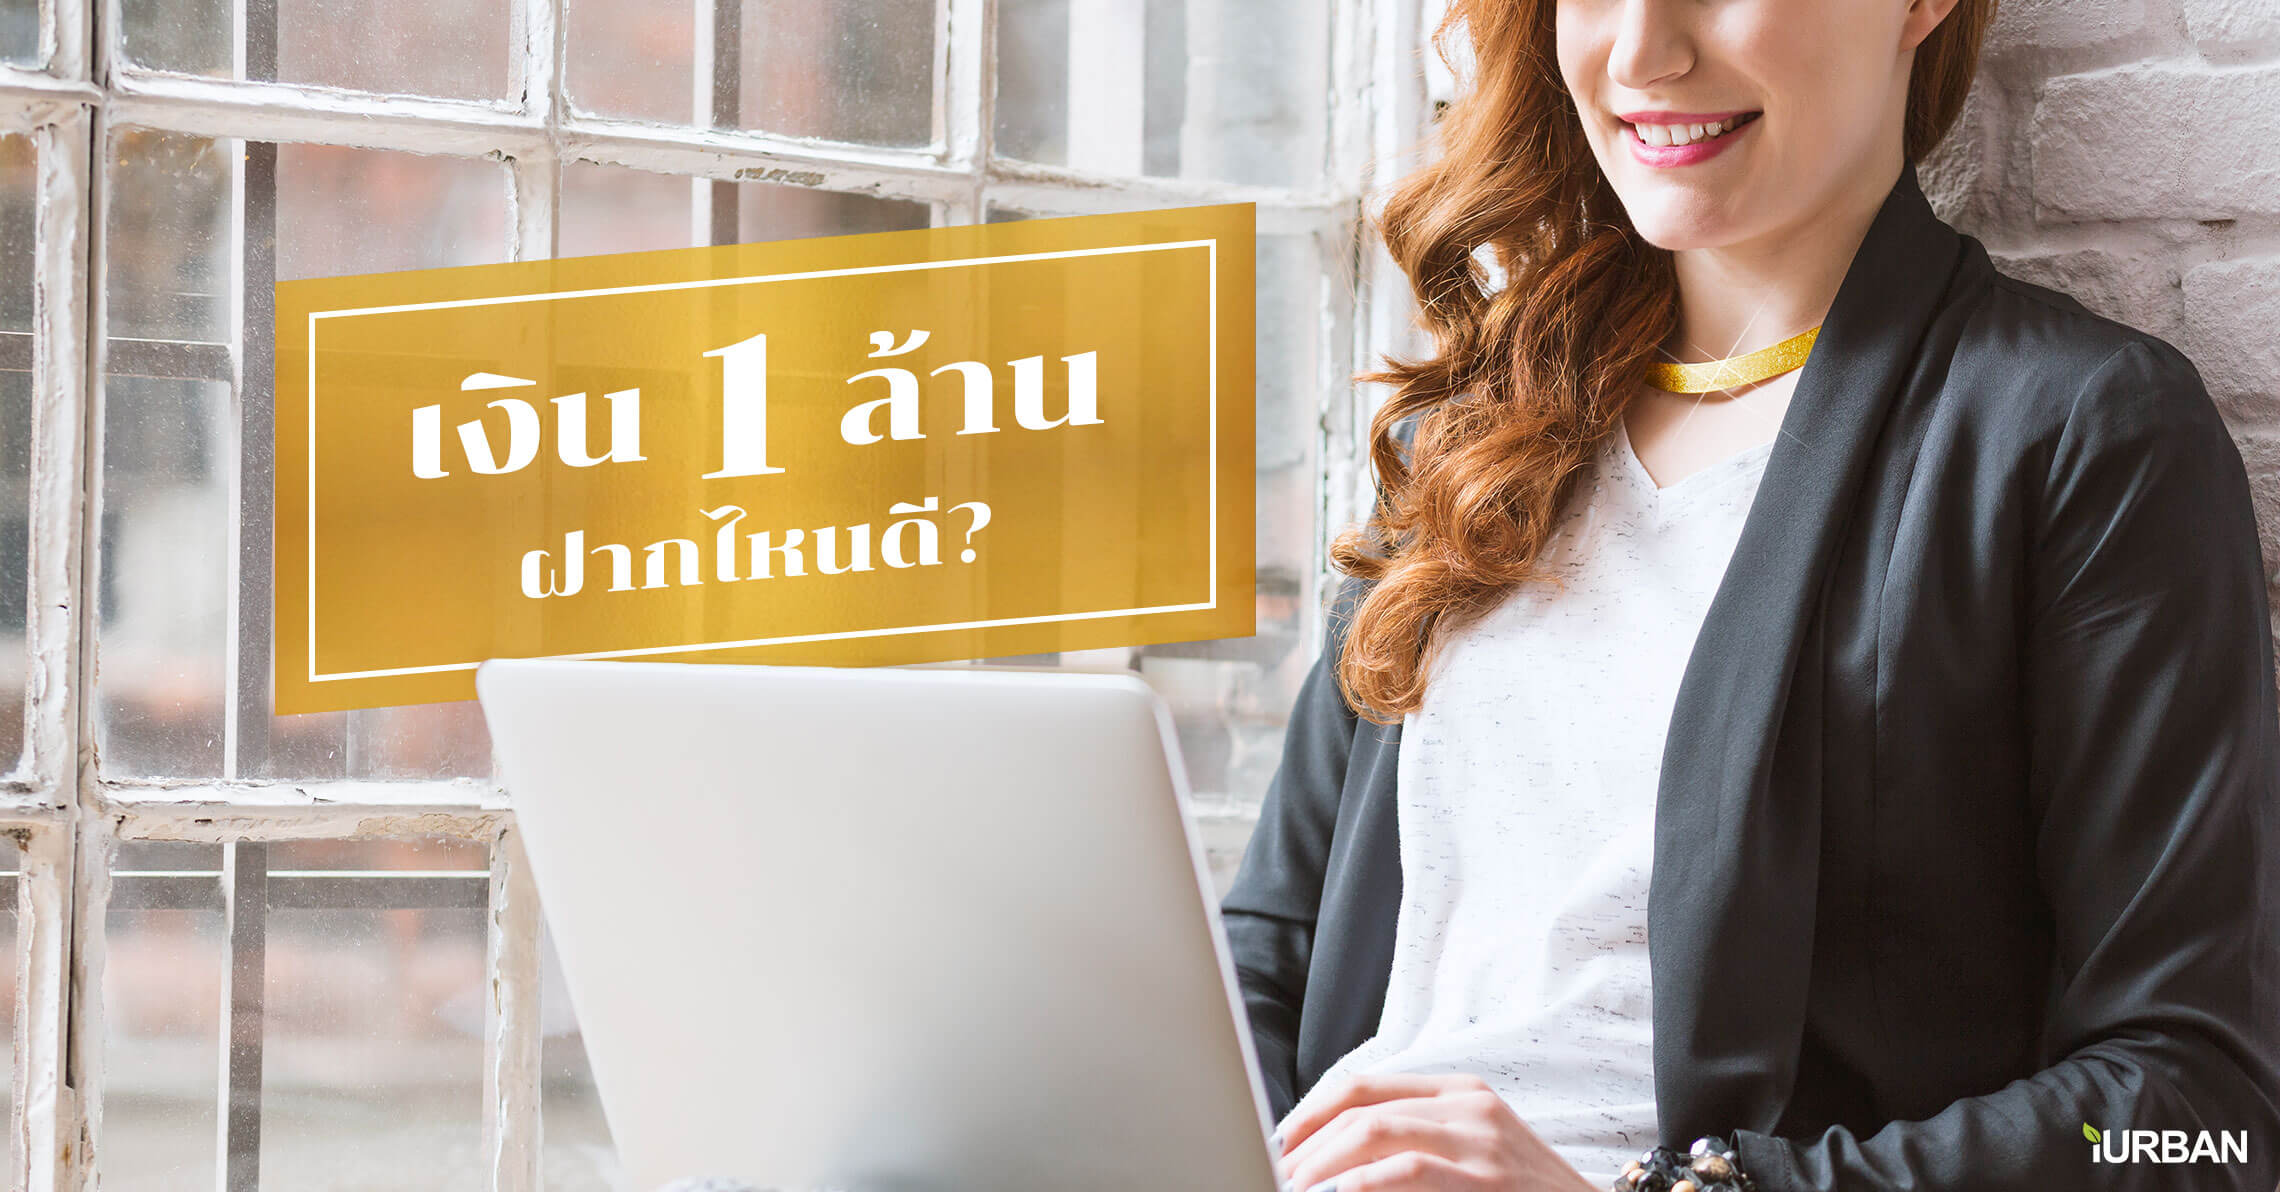 ปี 2018 มีเงิน 1 ล้าน ฝากไหนดี? Thanachart Ultra Savings ดอกเยอะ 1.5% ต่อปี จ่ายดอกเบี้ยทุกเดือน 13 - banking